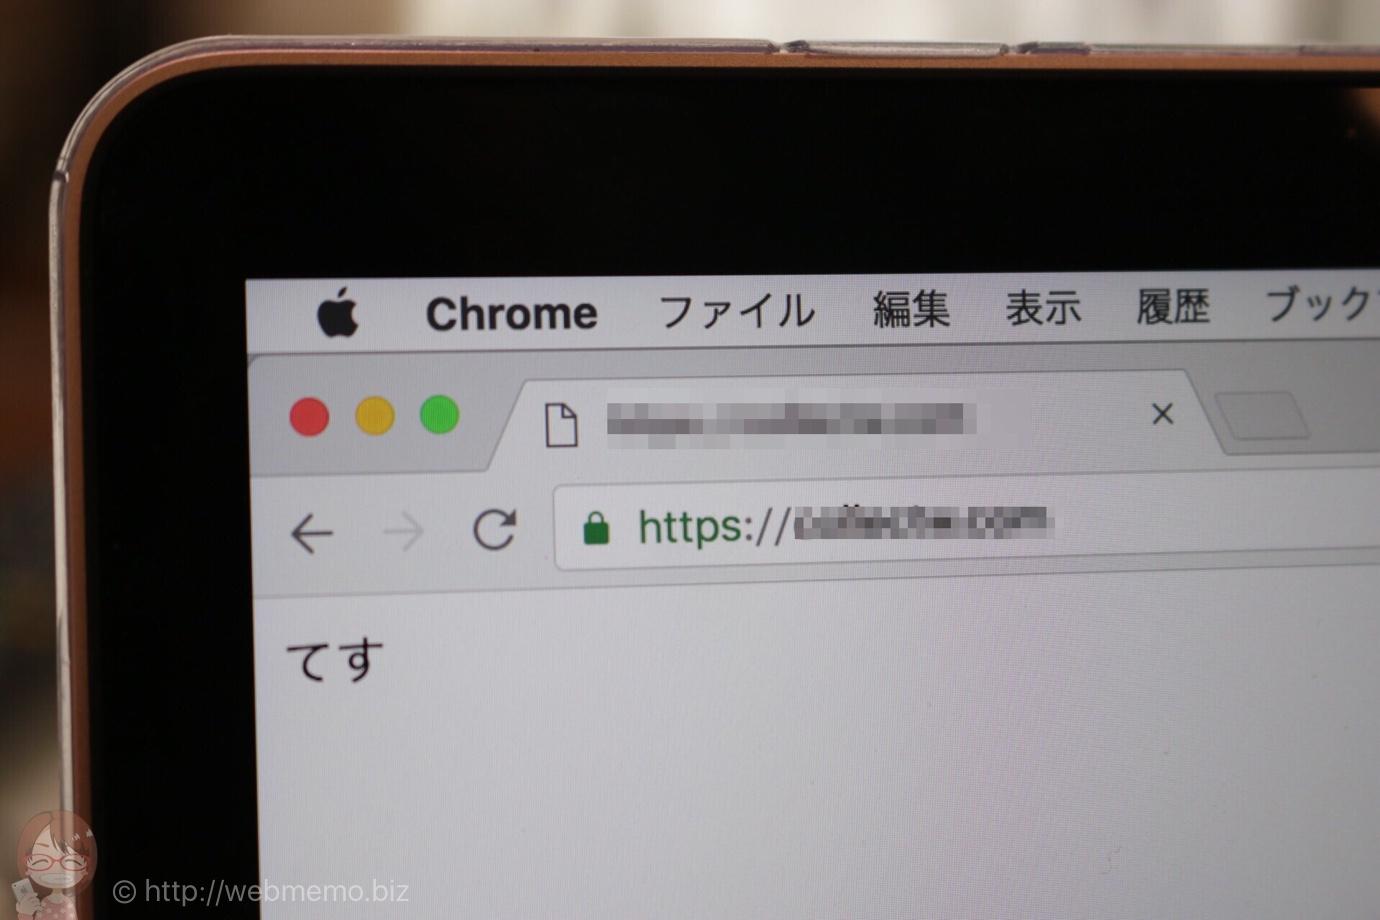 エックスサーバーの無料SSLで新規サイト・ブログを開設する方法